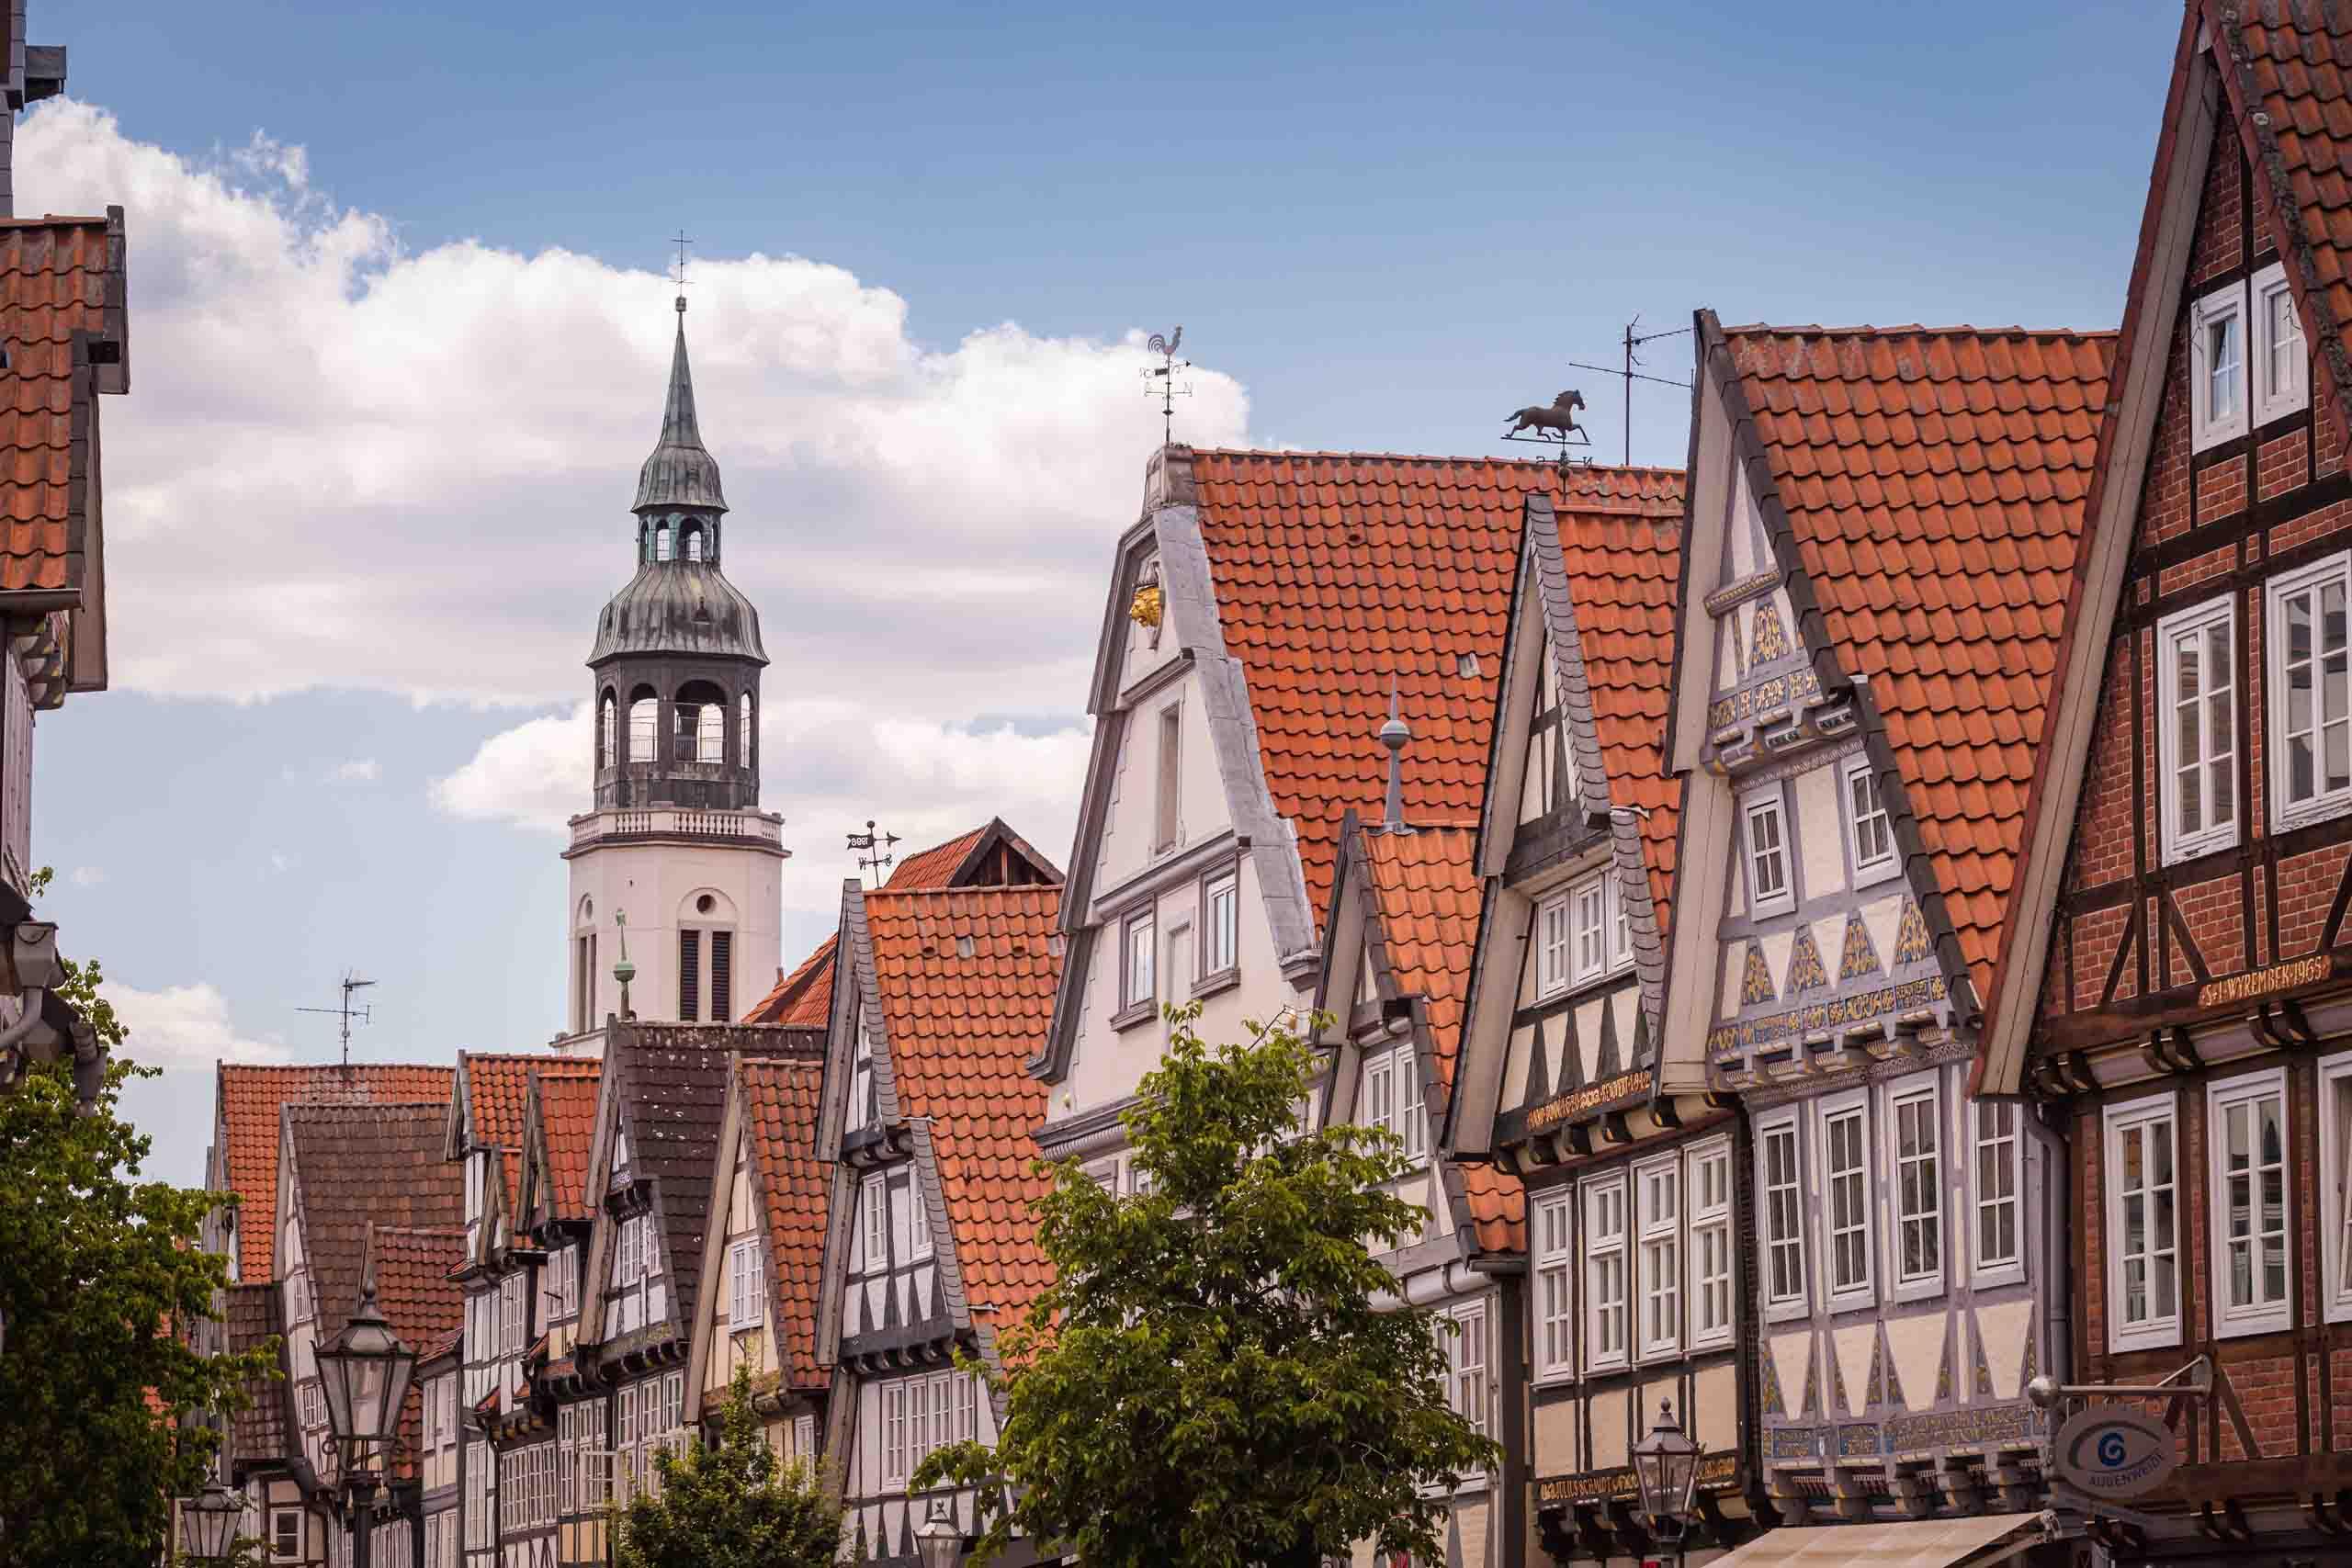 Celle ist eine echte Fachwerkstadt